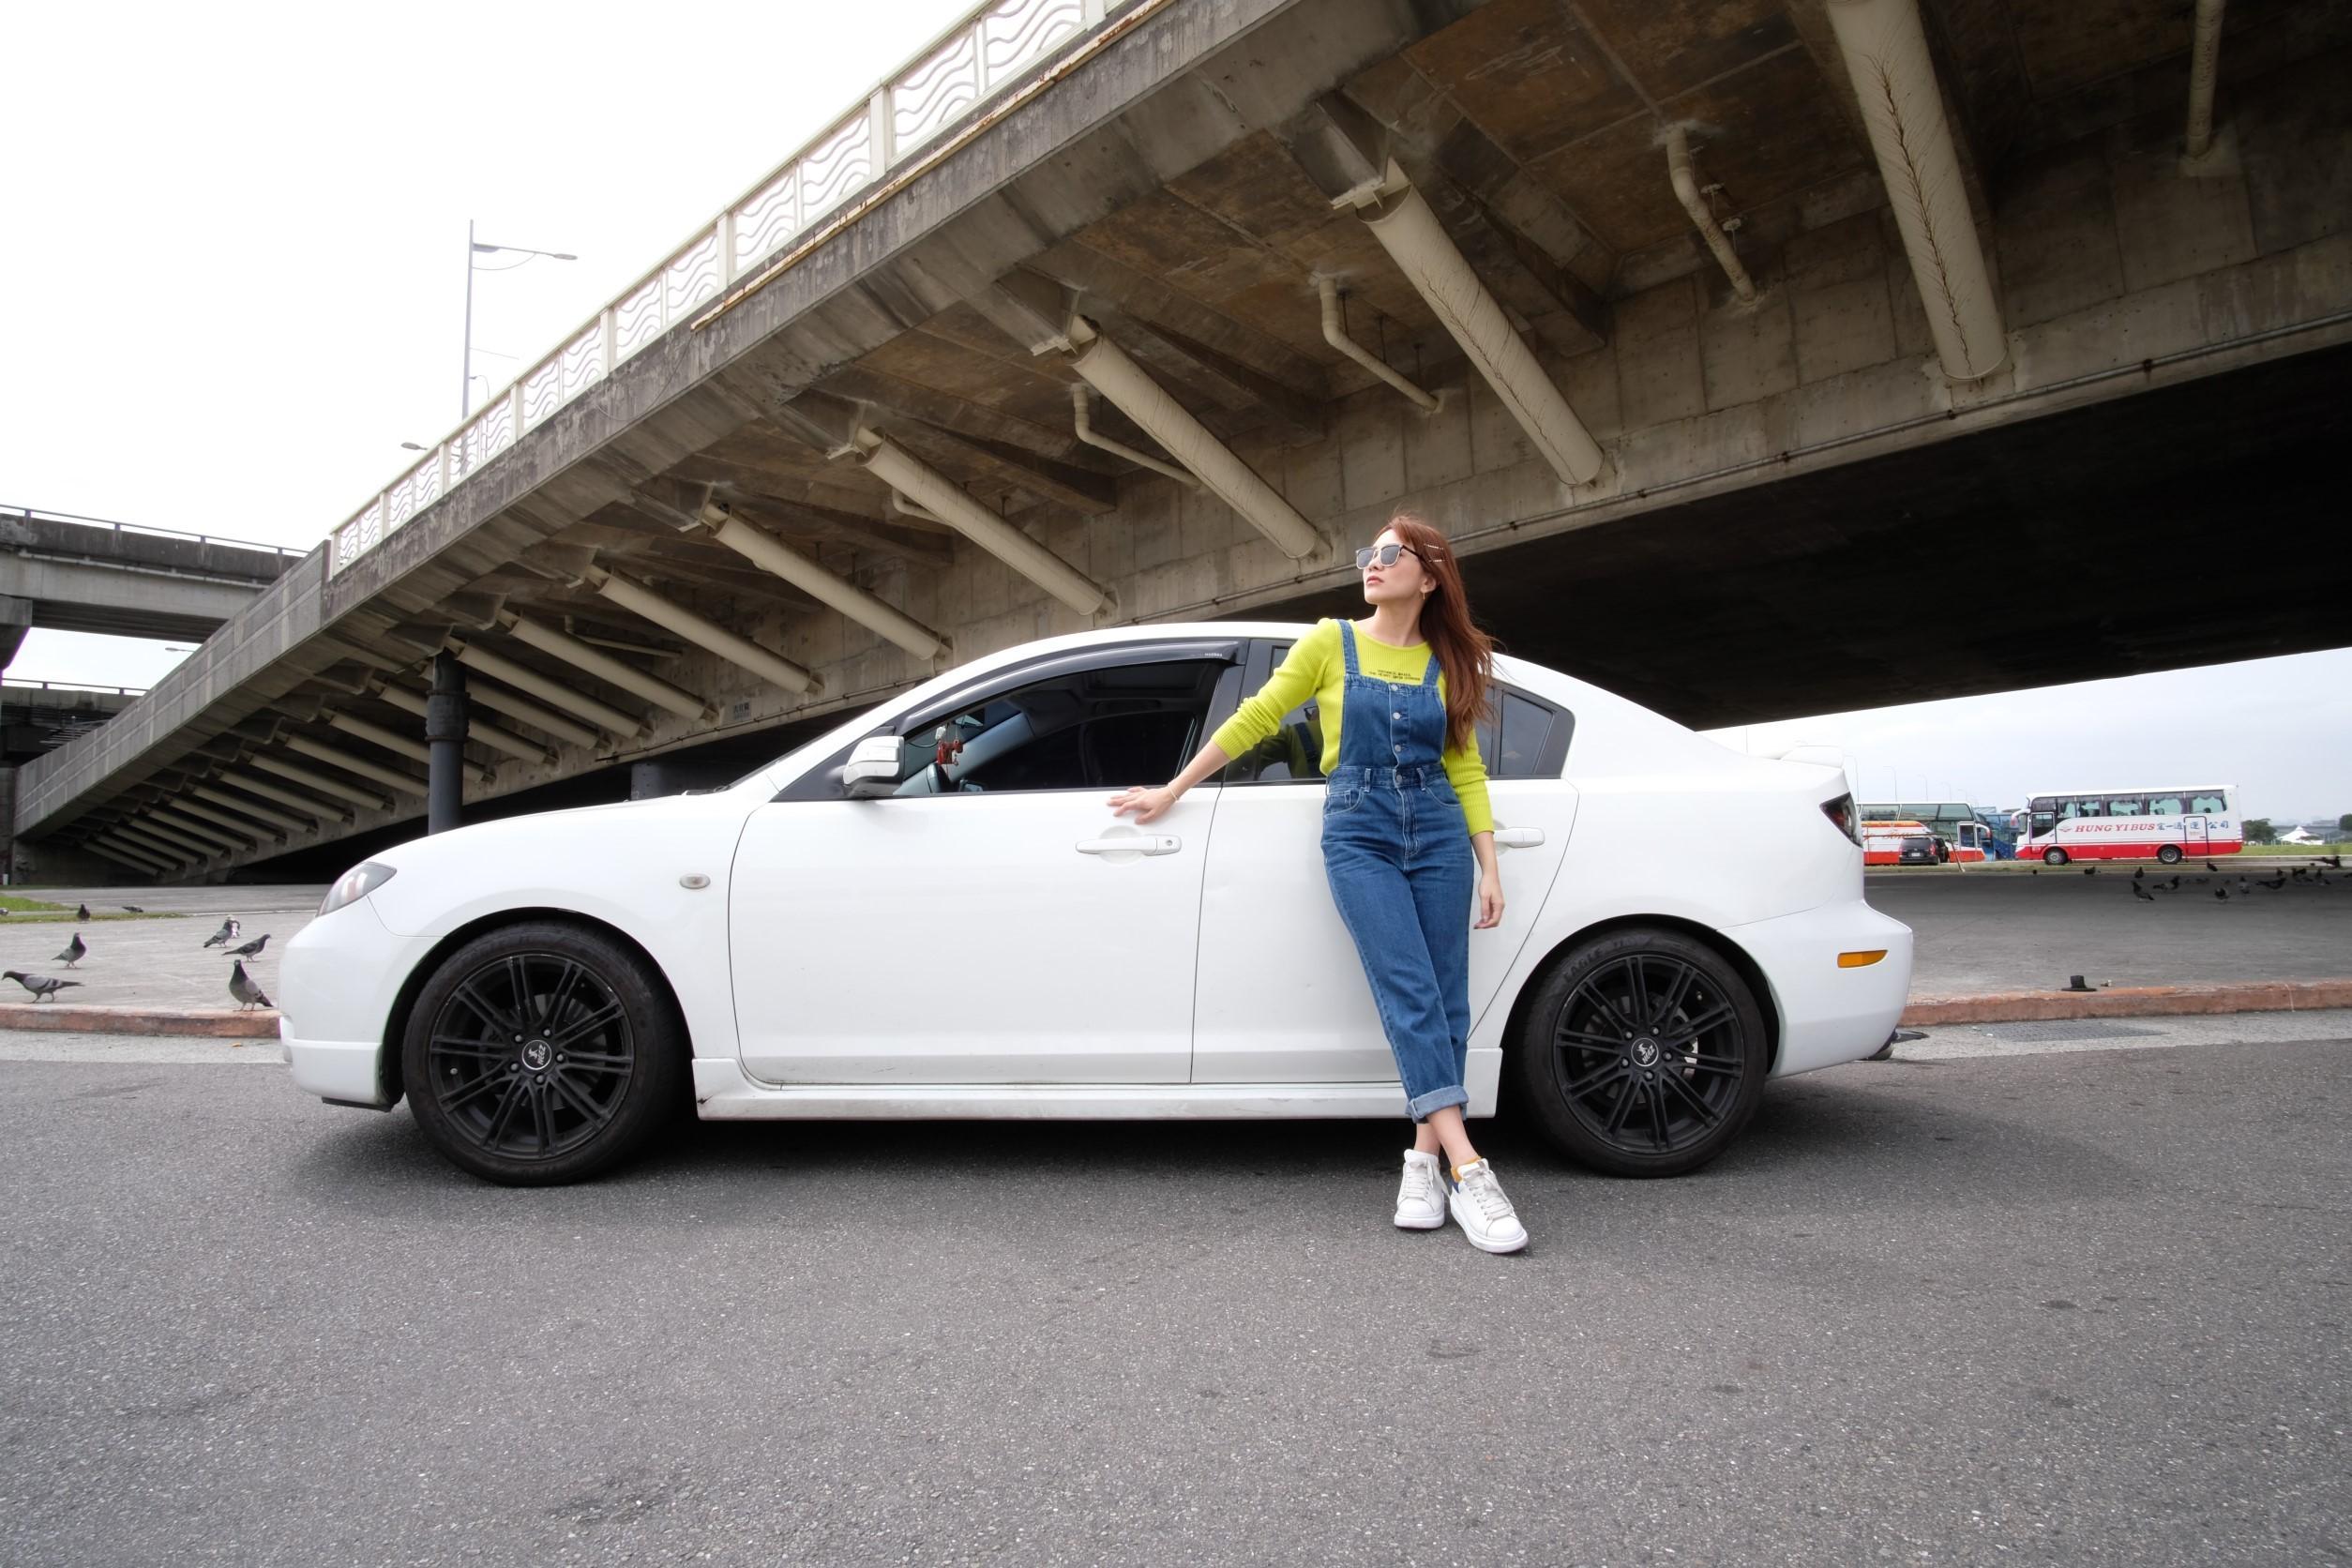 ▲雖然愛車的避震器鋁圈都經過改裝,小優還是很怕搭到避震器損壞的車,摳摳摳的聲響,和不舒適的乘坐感,讓她無法接受。